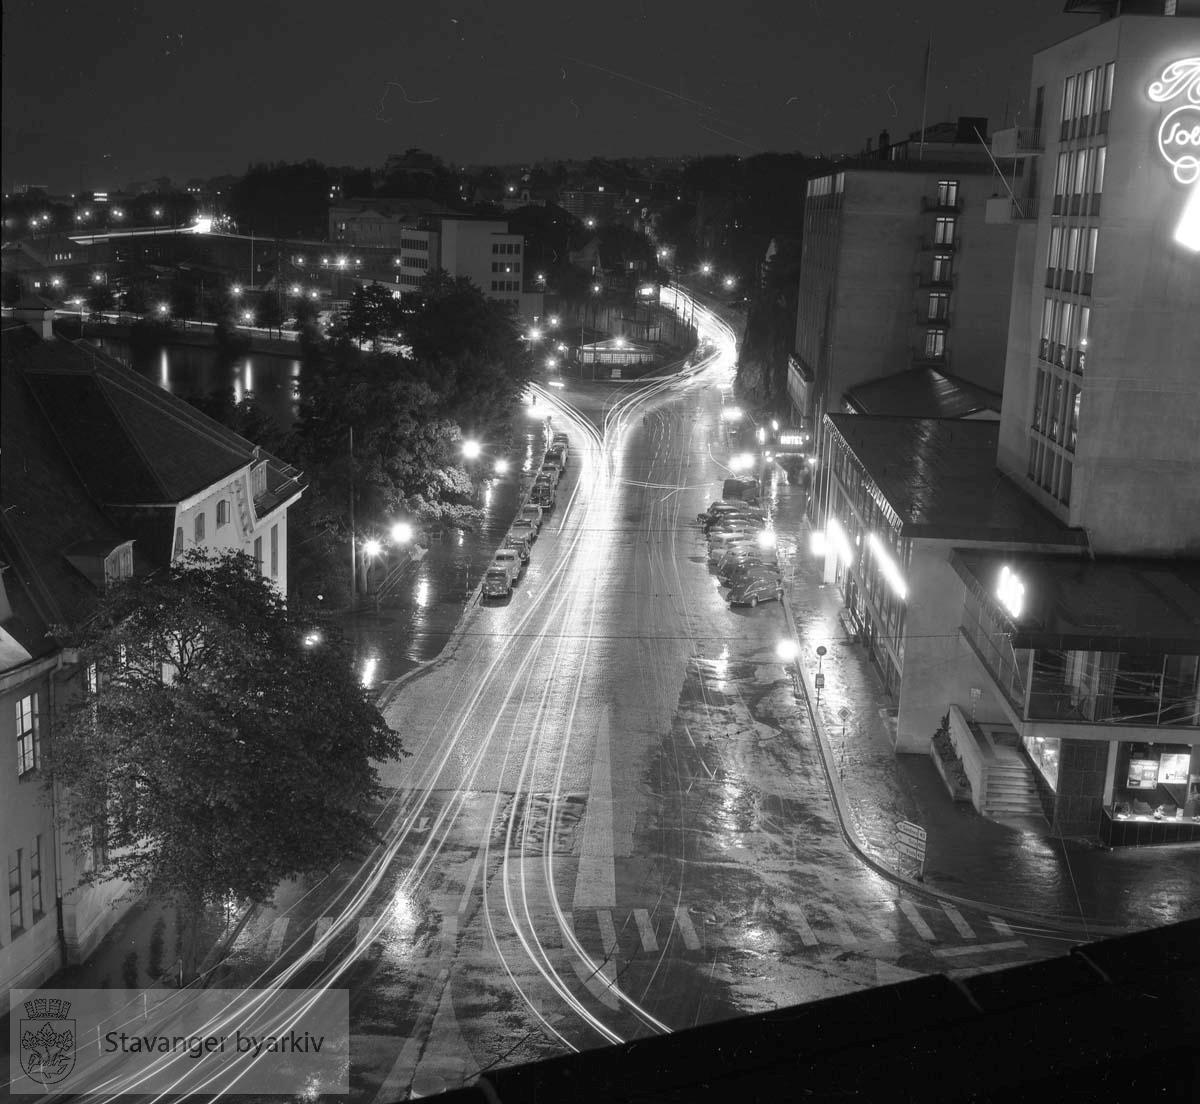 Hotell Atlantic, Rogalandsbanken og Postkontoret. Fotografen eksperimenterer med lang blenderåpningstid.